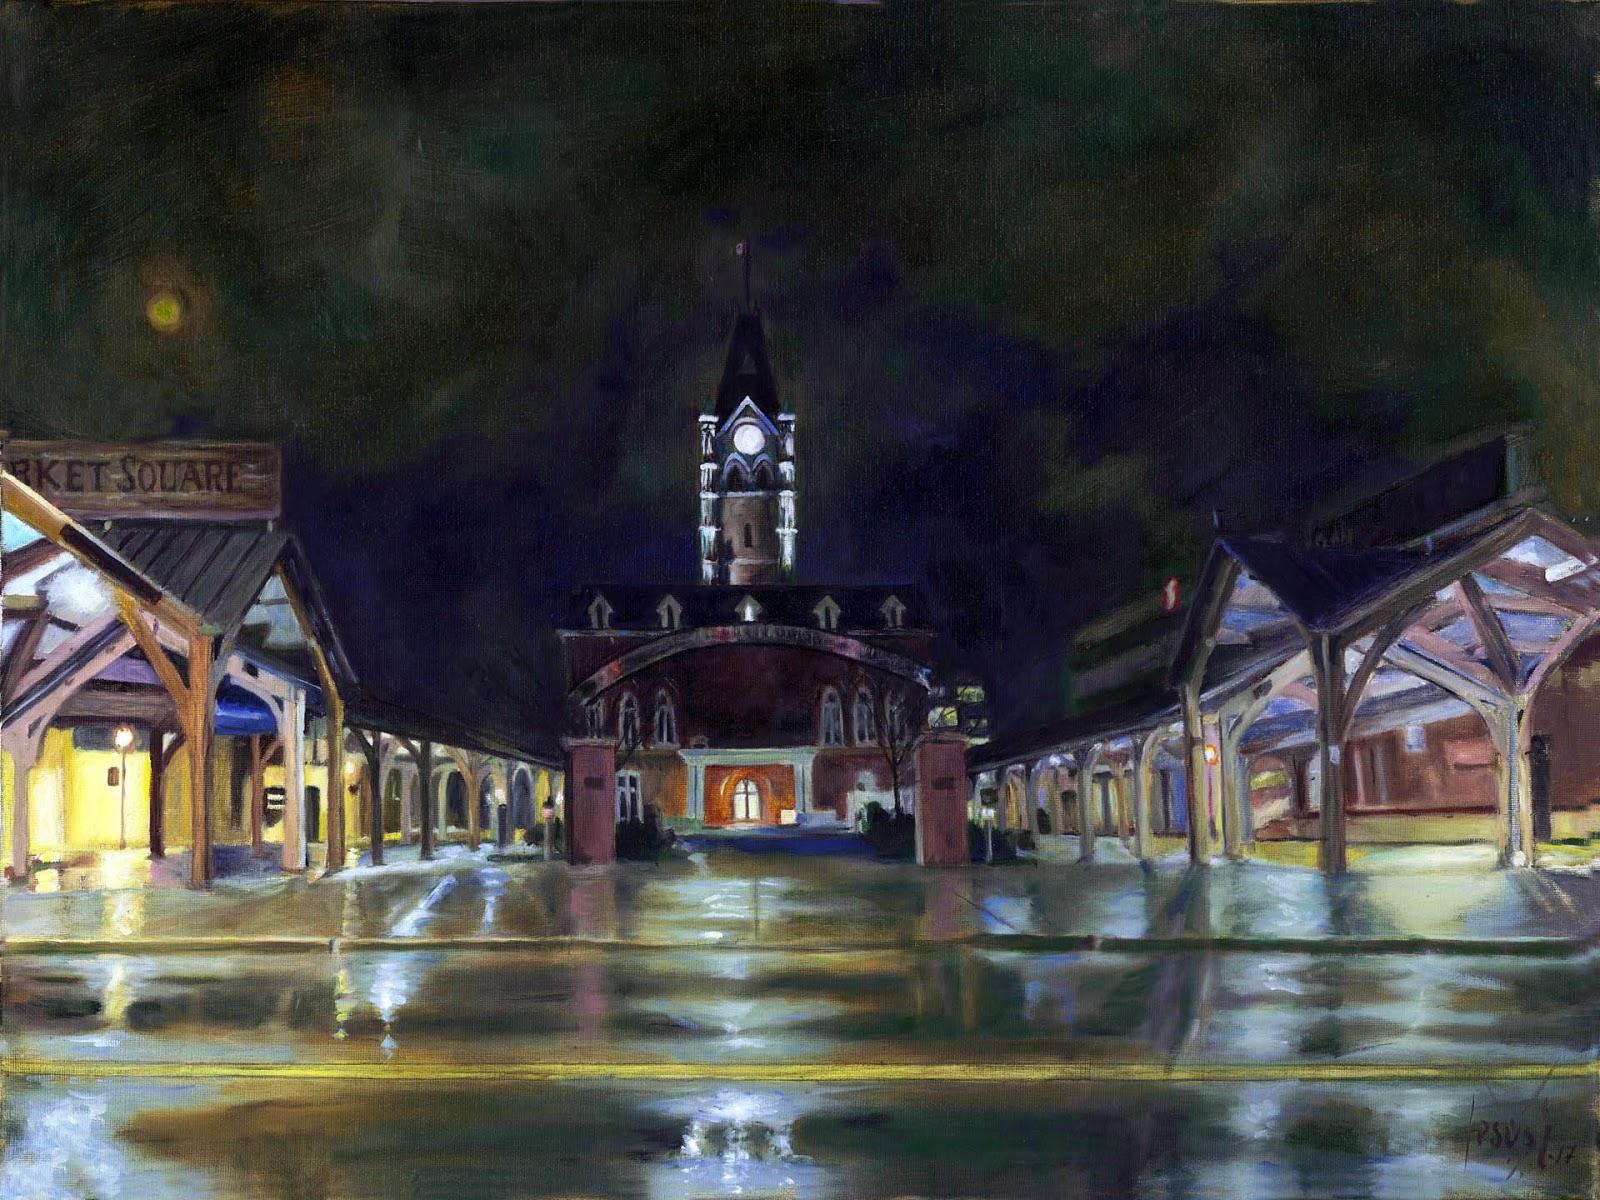 Jesus Estevez - Market Square, Belleville